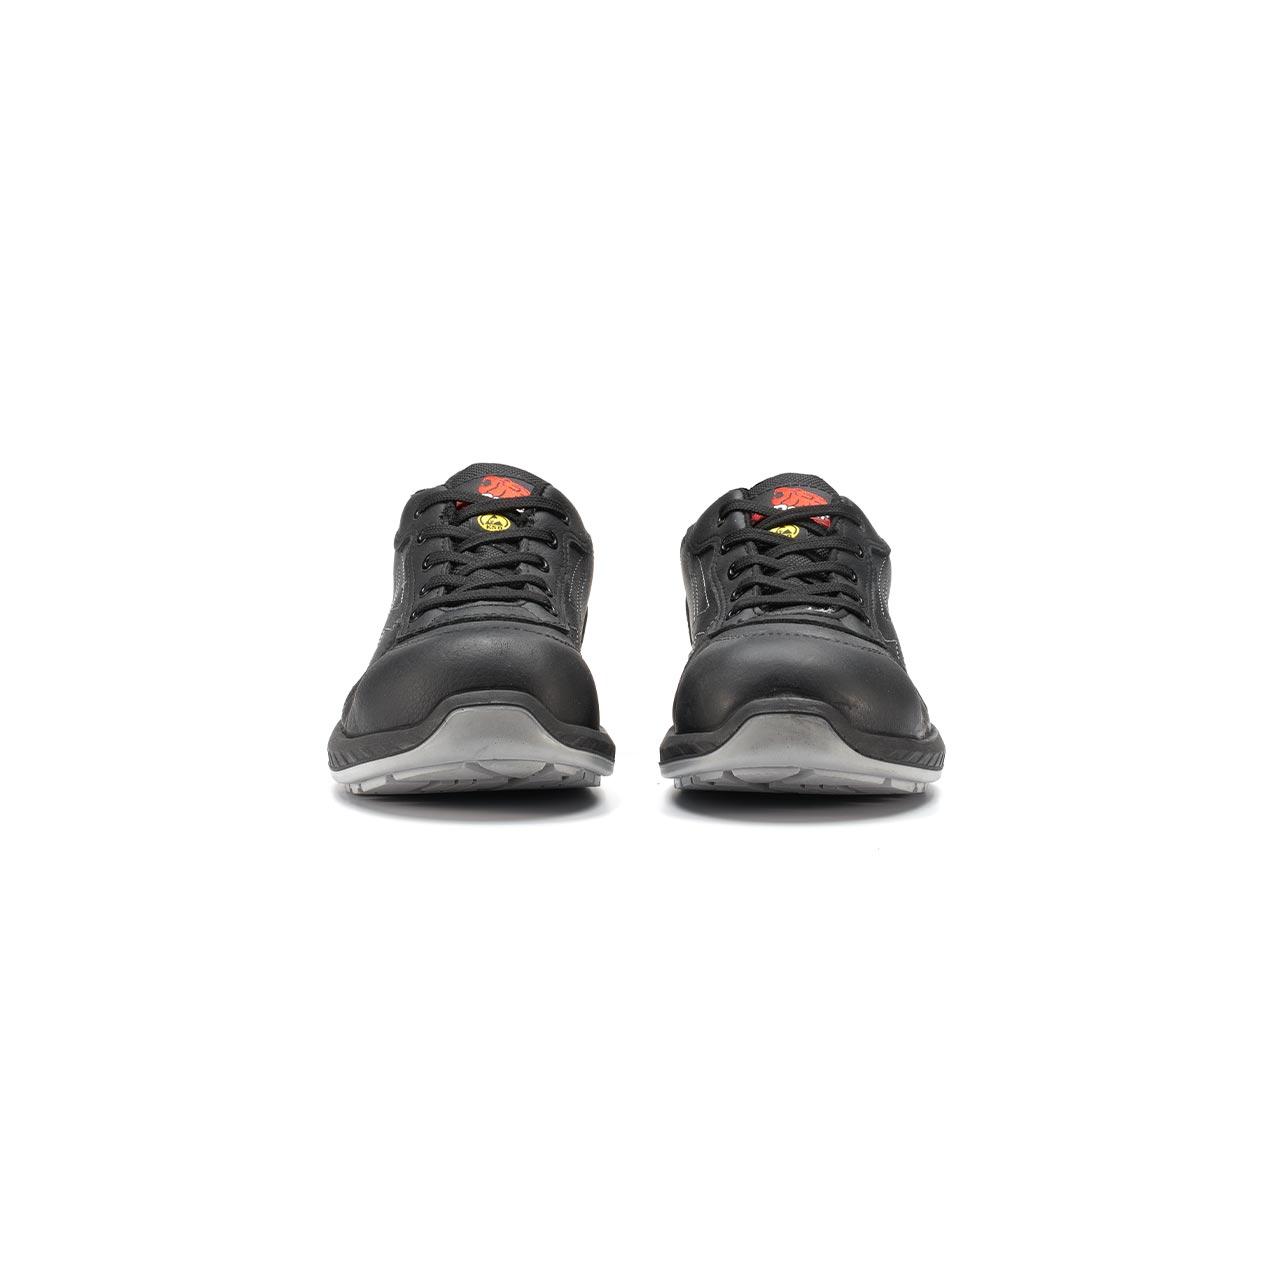 paio di scarpe antinfortunistiche upower modello nero linea redindustry vista frontale